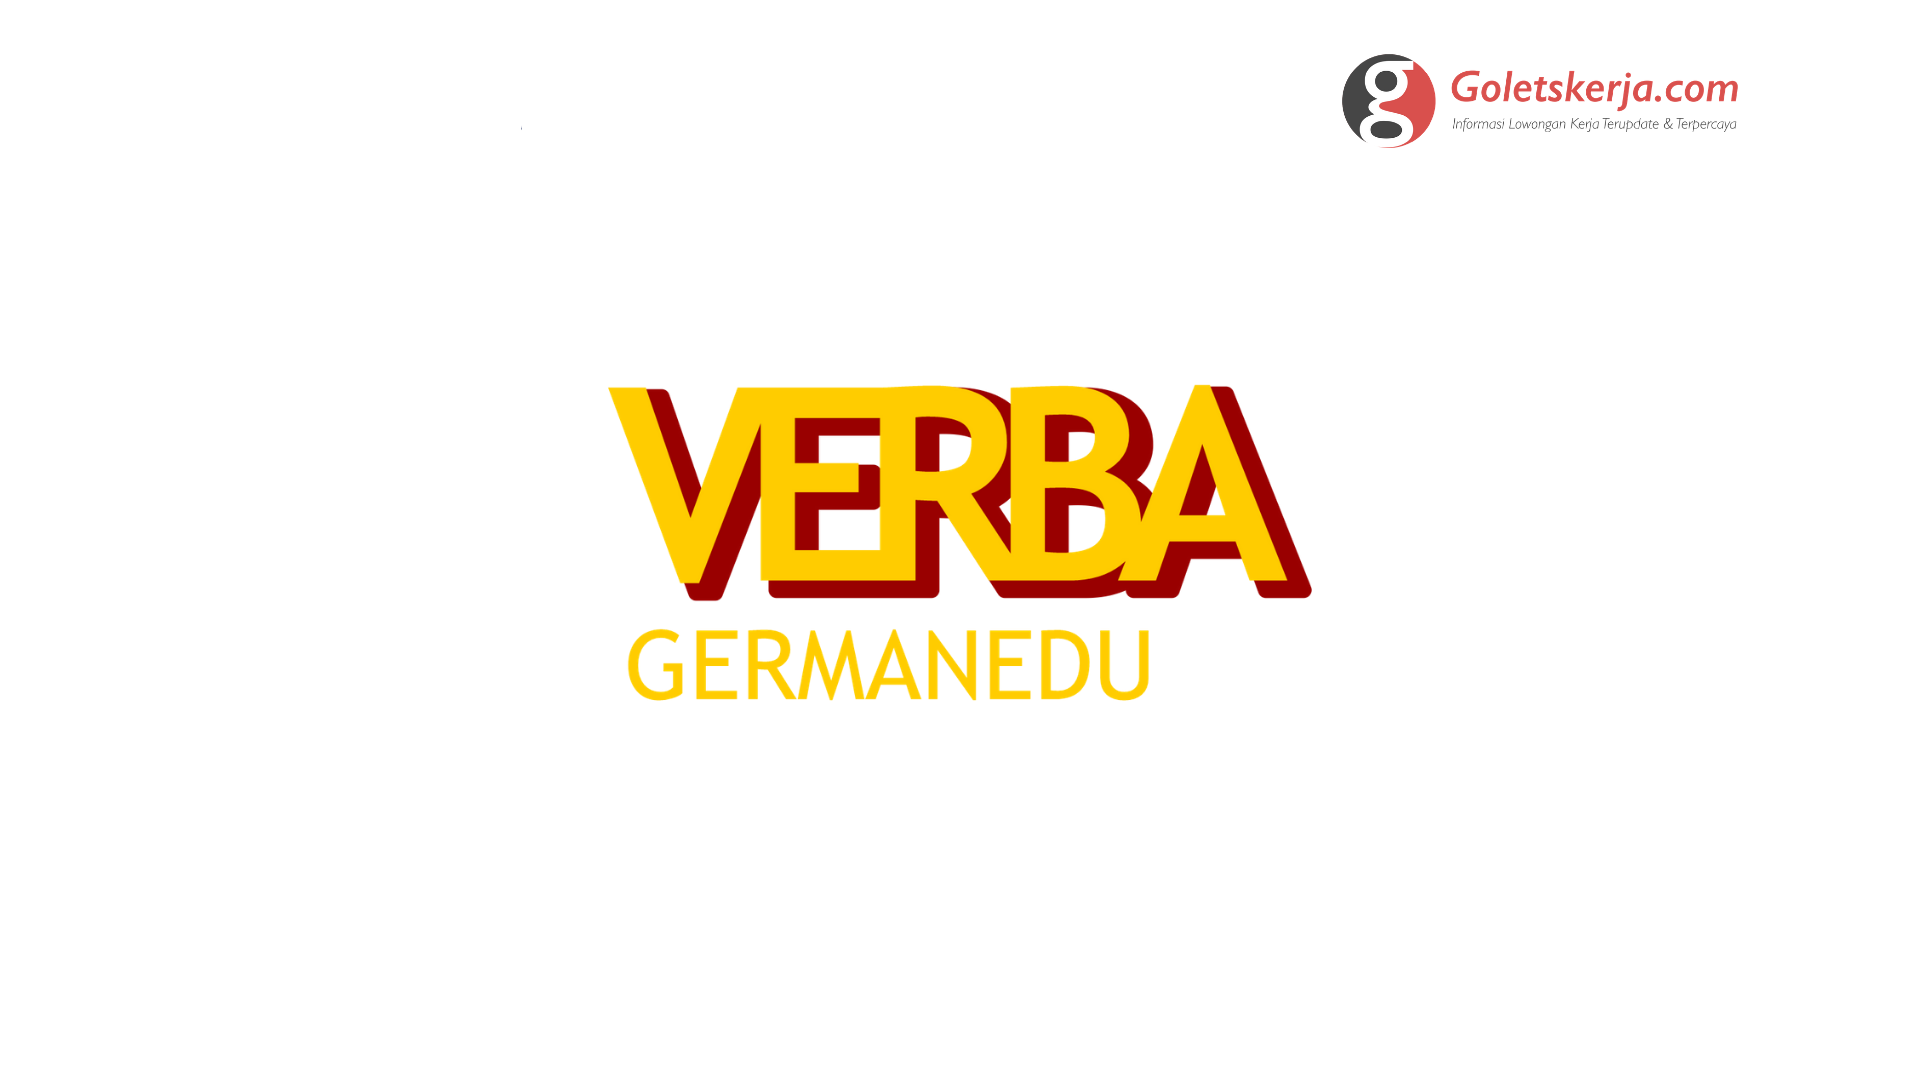 We're Hiring Verba GermanEdu